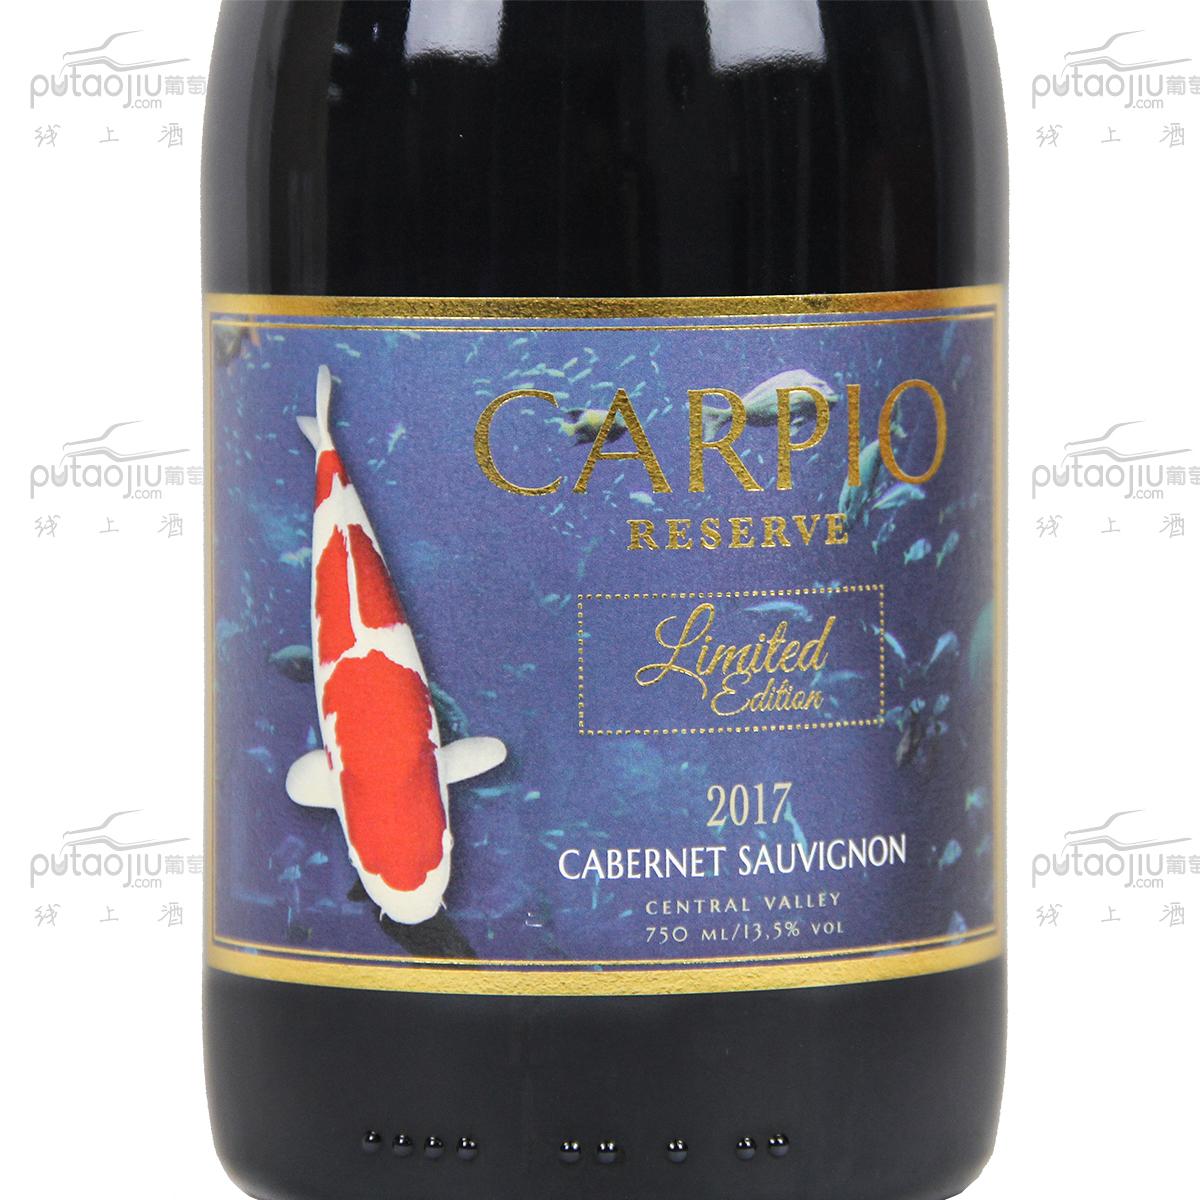 智利中央山谷克莱酒庄卡皮奥赤霞珠限量版珍藏级干红葡萄酒